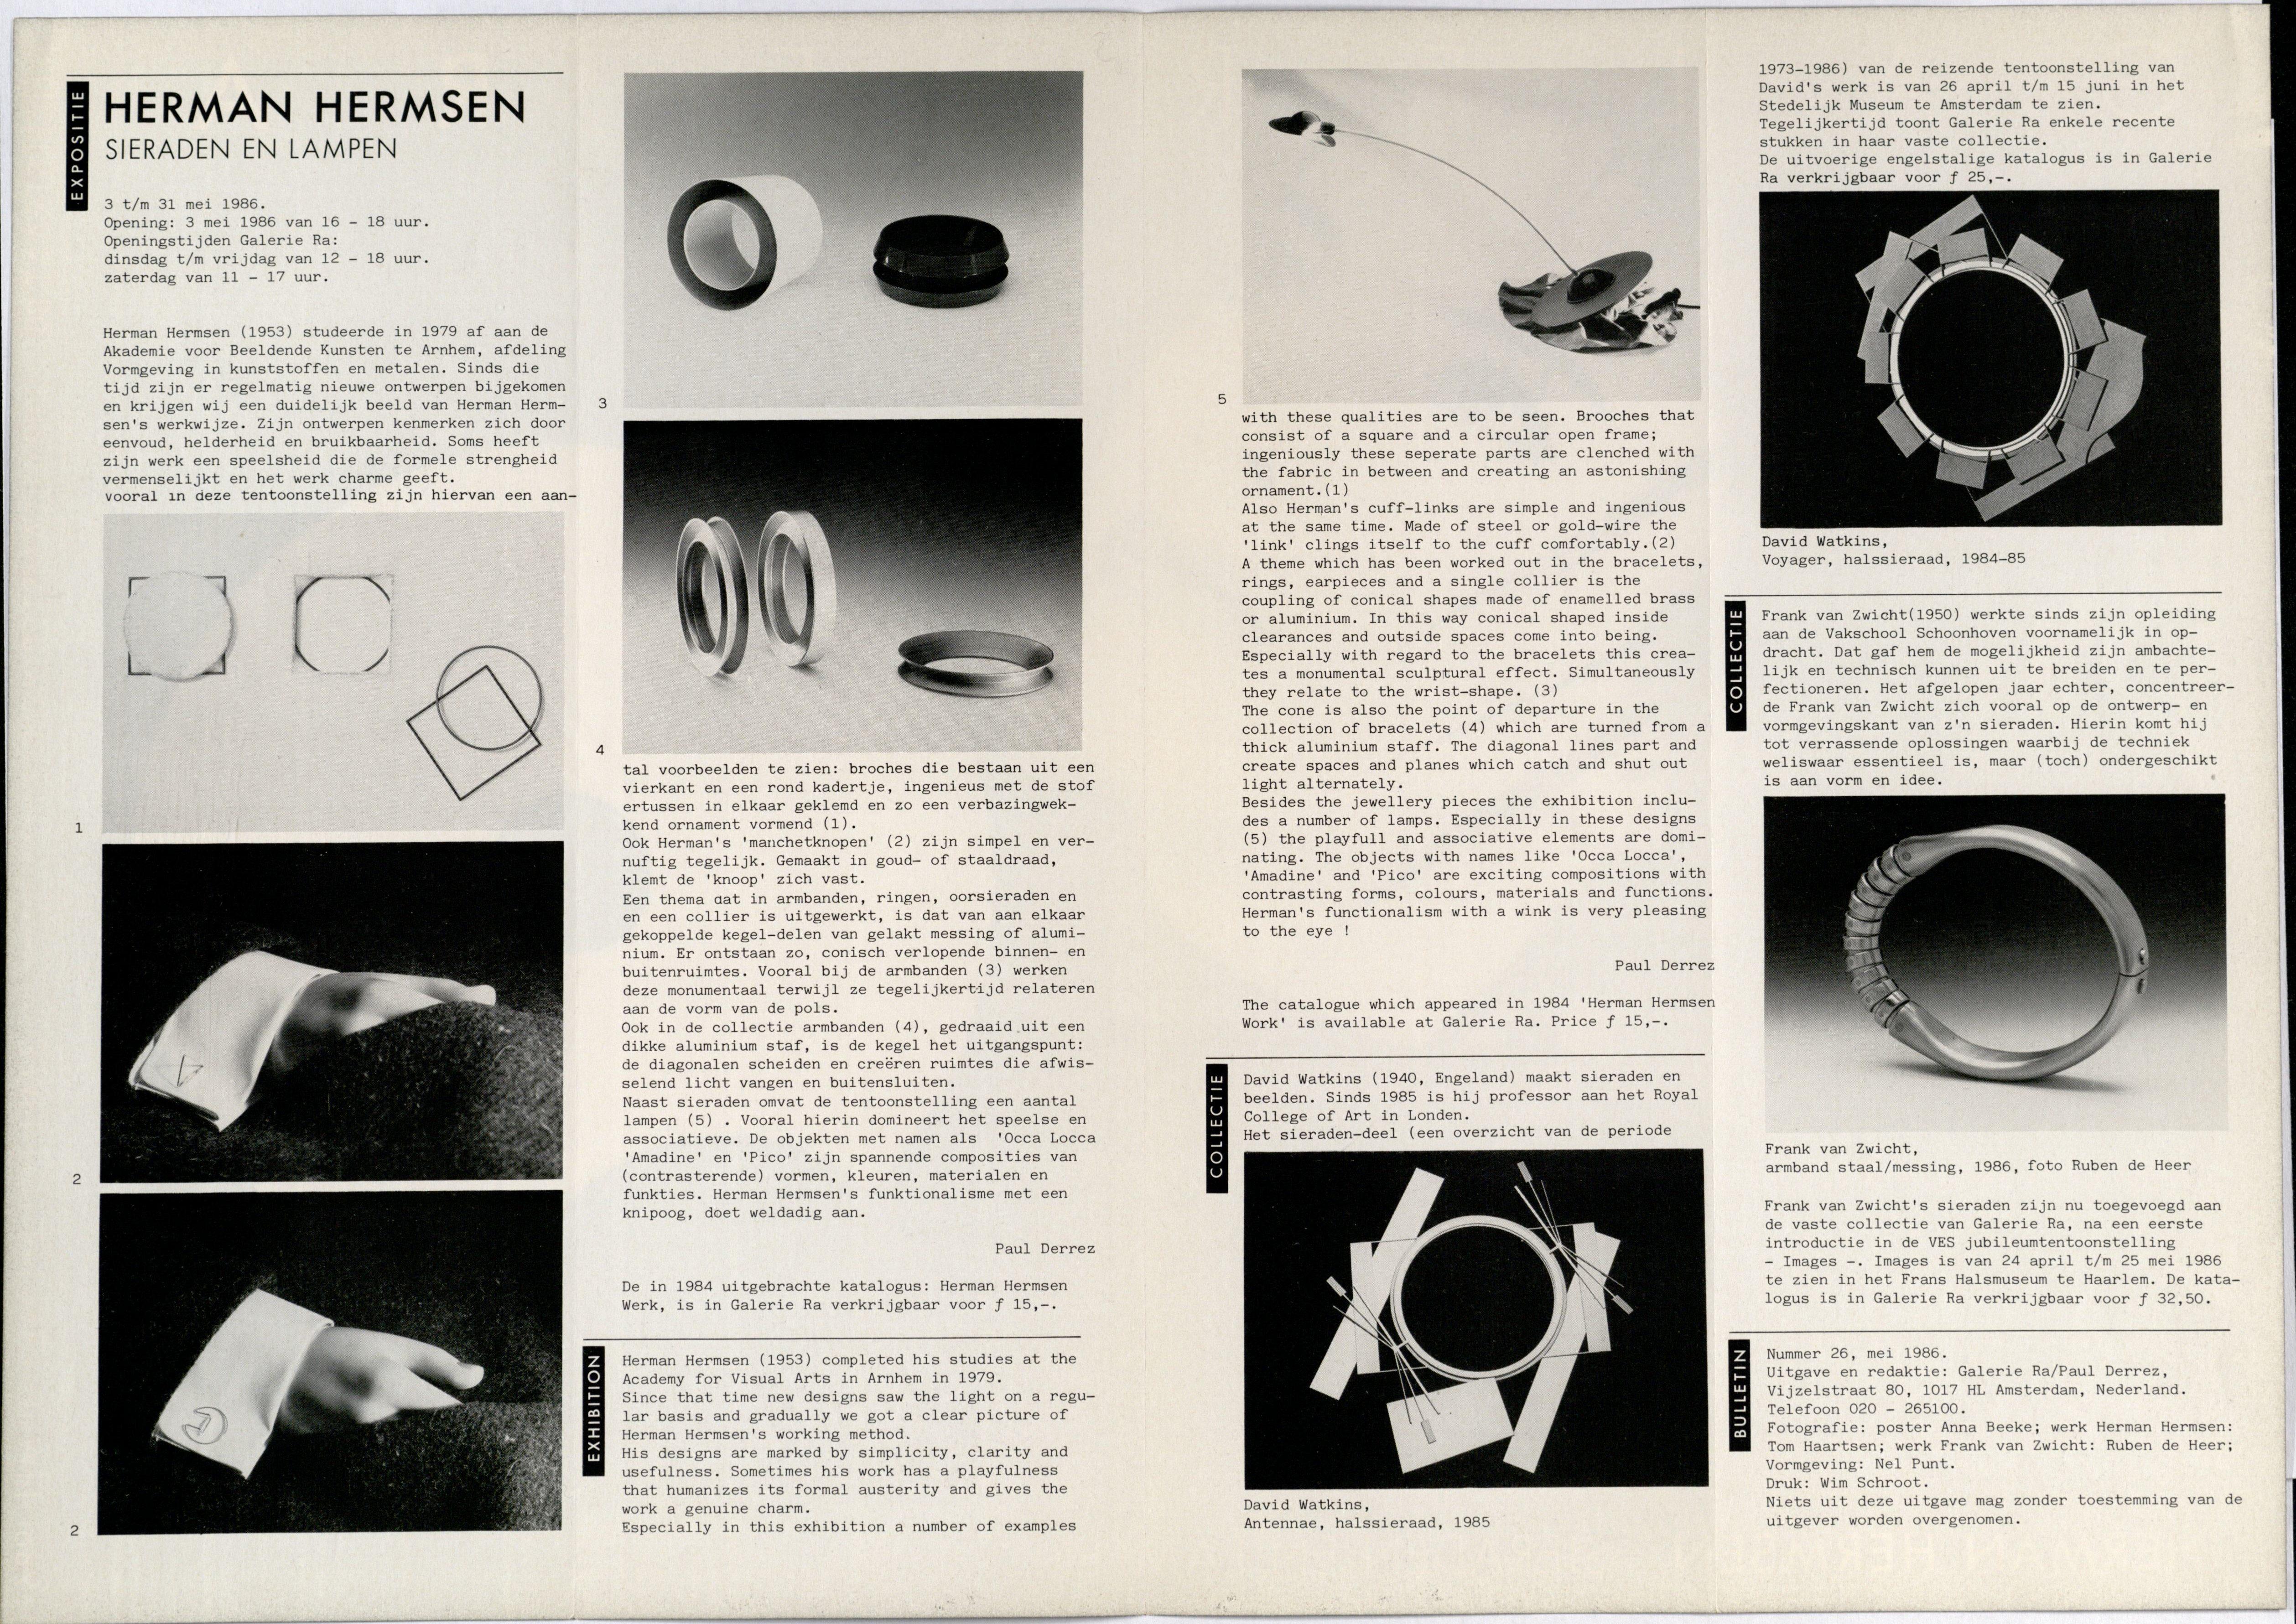 Ra Bulletin 26, mei 1986, achterzijde met tekst en foto's van Tom Haartsen en Ruben de Heer, drukwerk, papier, metaal, David Watkins, Frank van Zwicht, metaal, staal, messing, halssieraden, armbanden, manchetknopen